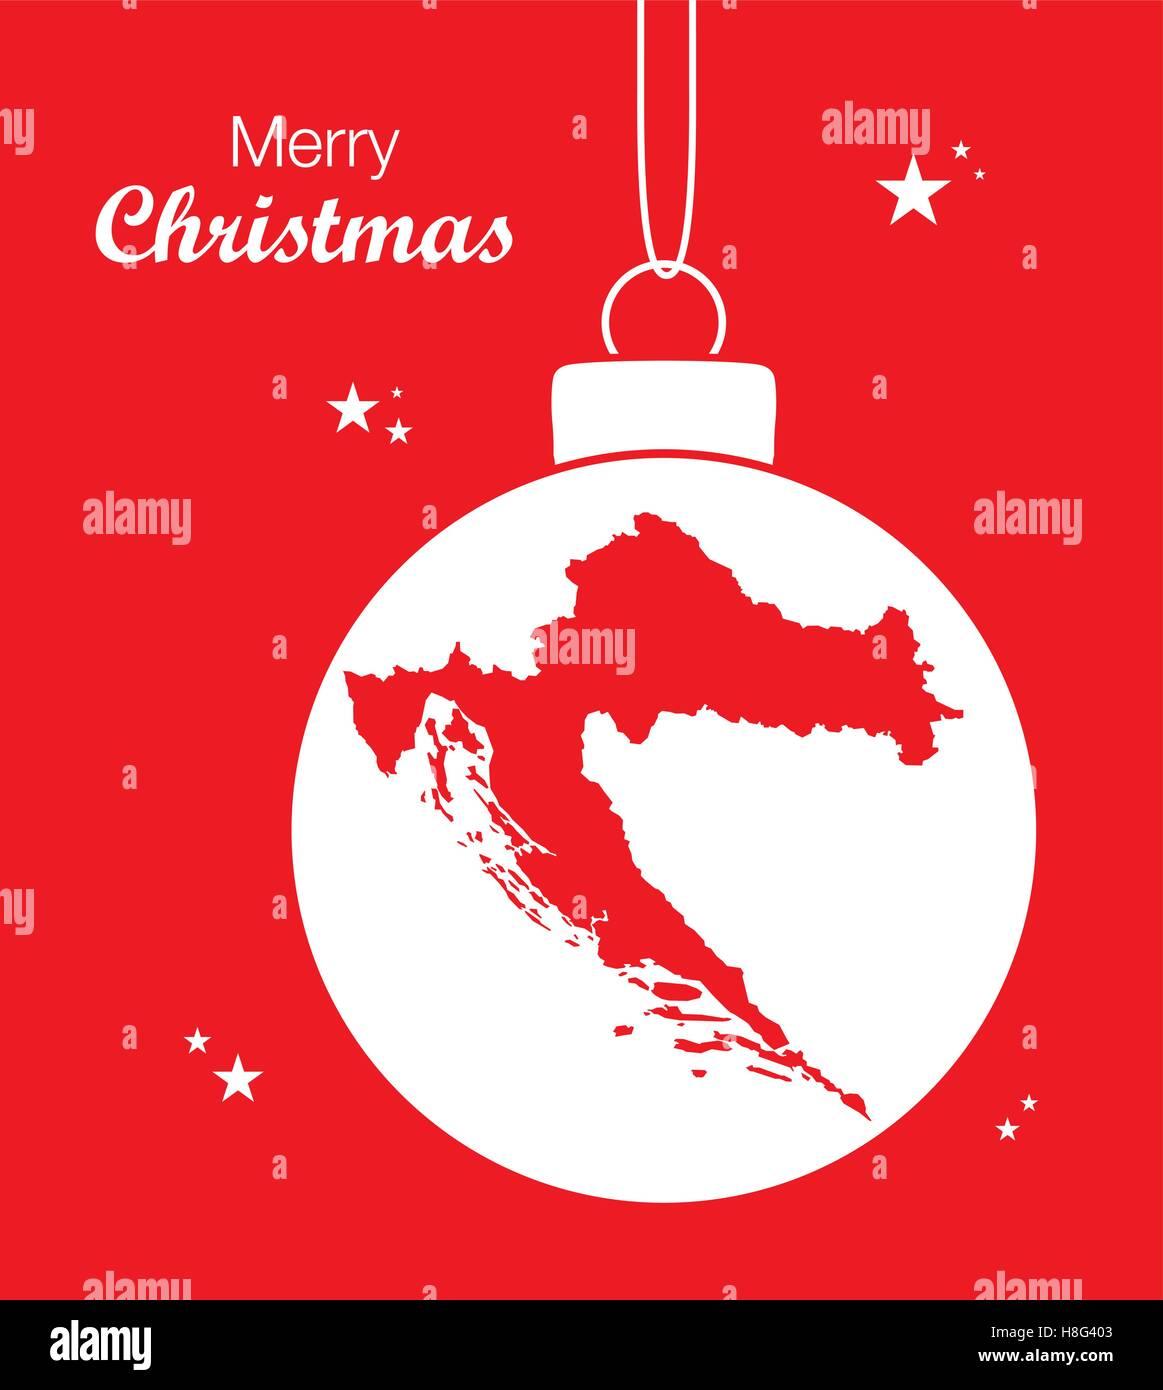 Weihnachten In Kroatien.Frohe Weihnachten Karte Kroatien Vektor Abbildung Bild 125744195